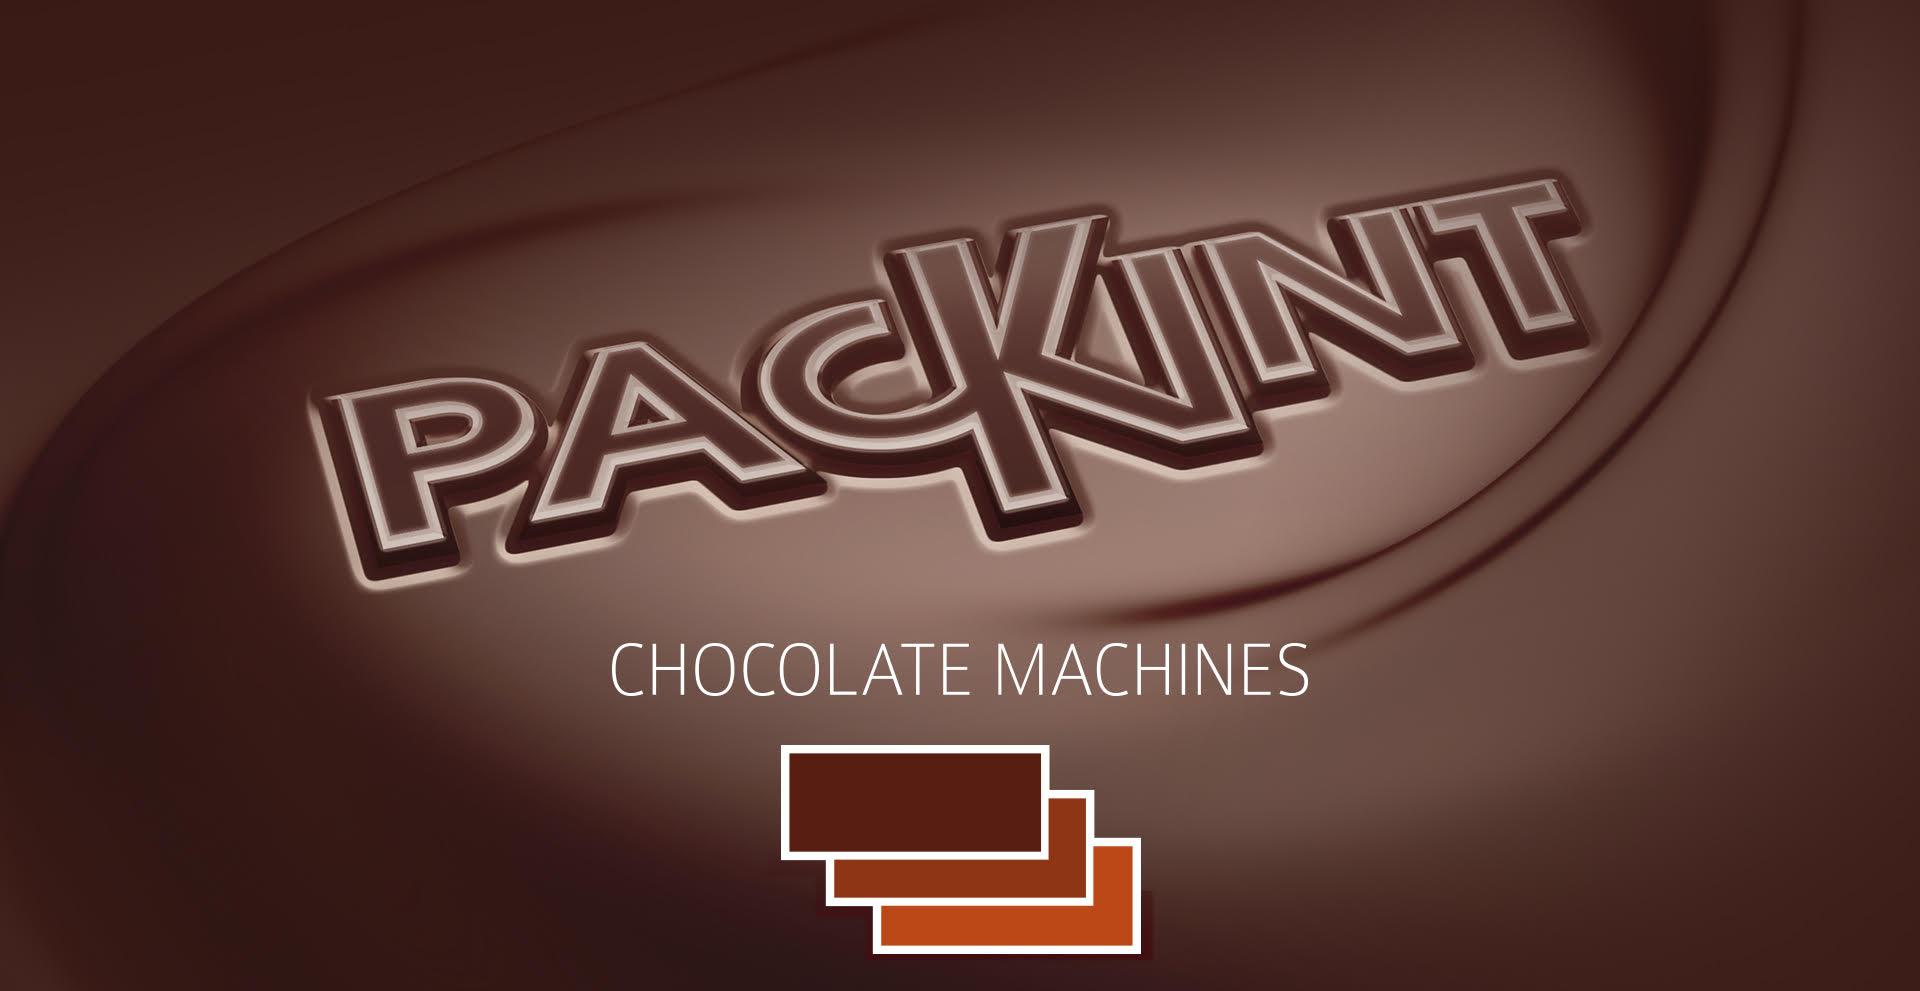 Packint Chocolate Machines